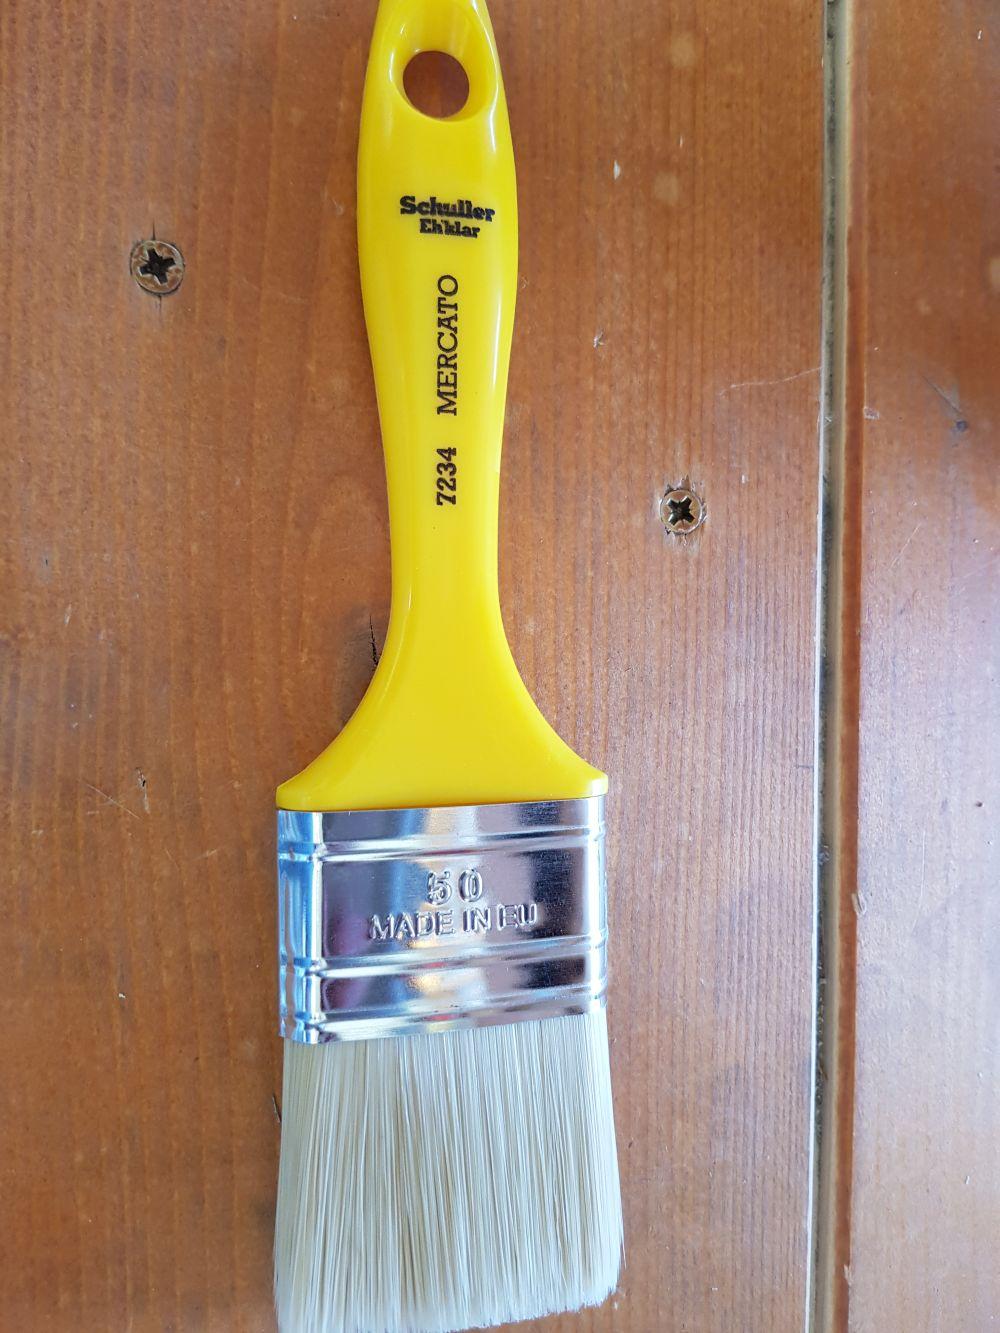 Ecset müanyag sárga 20mm sch BAUplaza Kft.